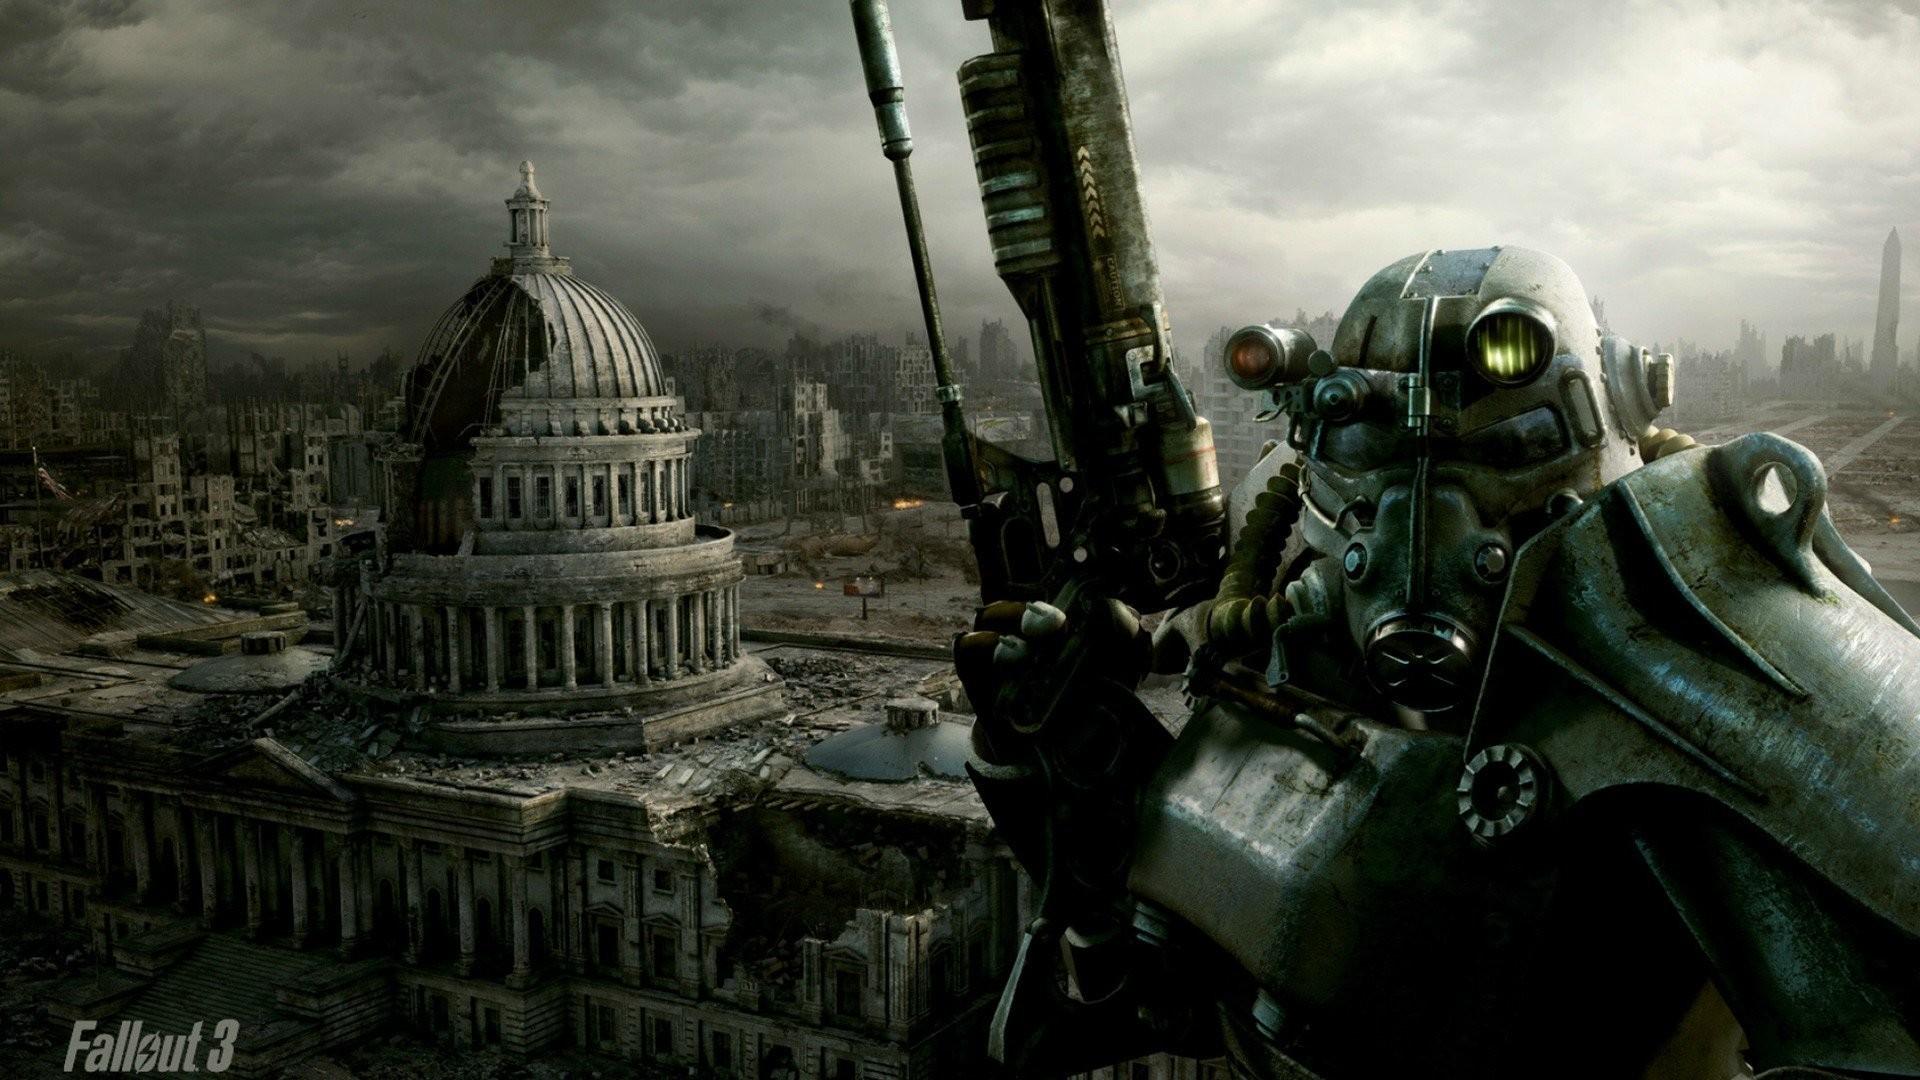 Fallout Wallpaper Fallout 3 Wallpaper Hd Vault Boy